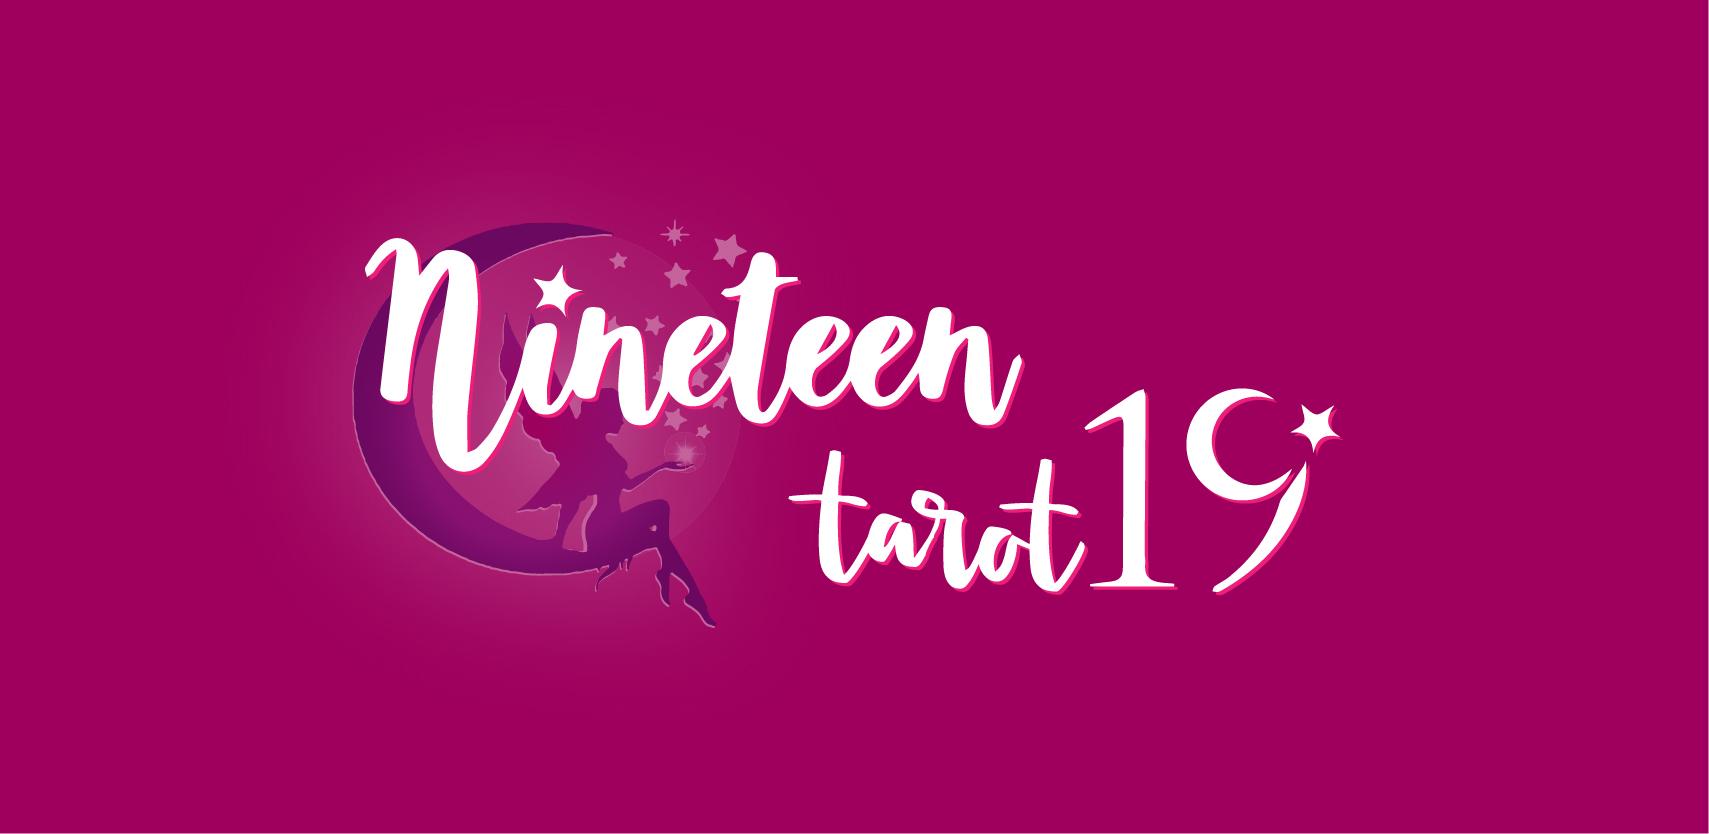 Nineteen Tarot 19